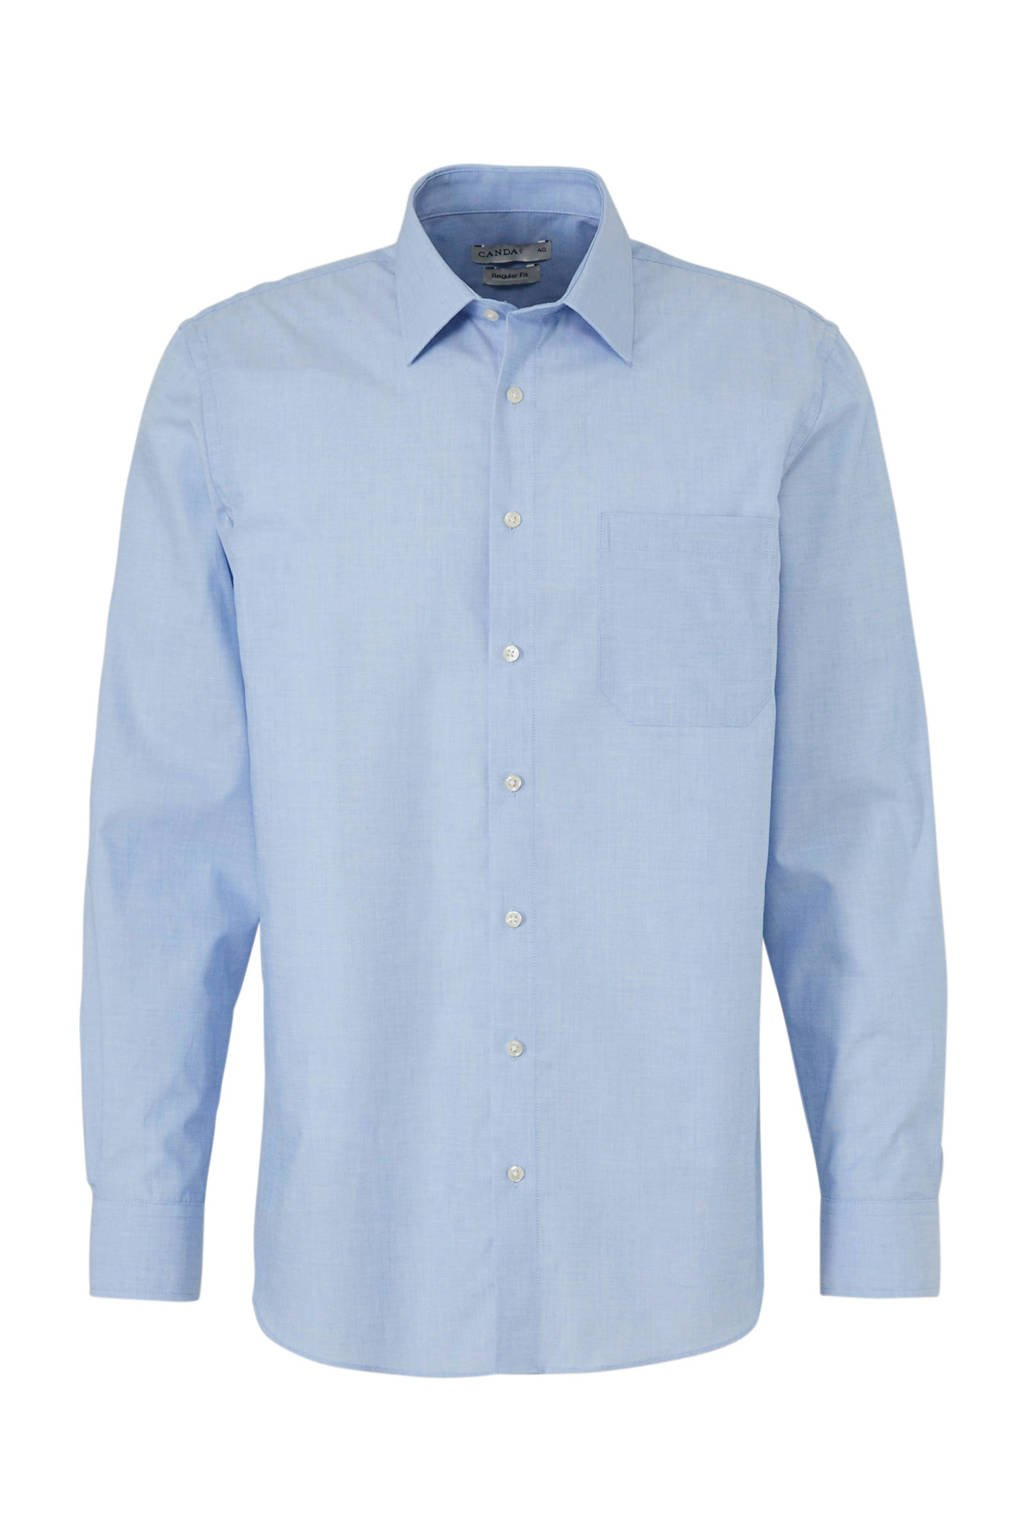 C&A Canda regular fit overhemd blauw, Blauw